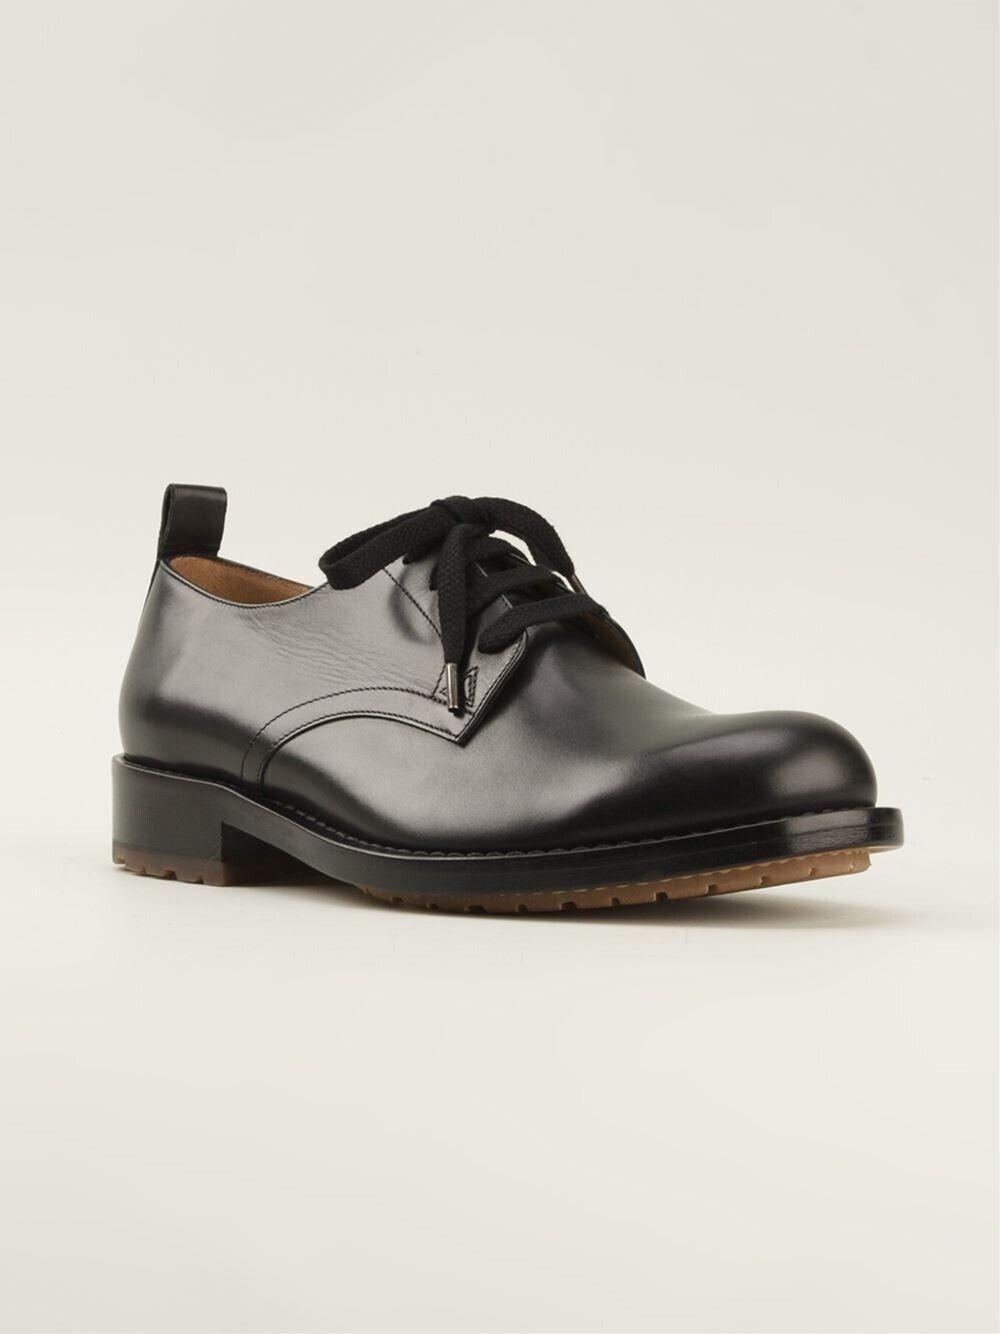 Valentino Rockstall nero Leather  Round Toe Derby Lace -Up Dimensione 44EU  11US  1295.00  promozioni